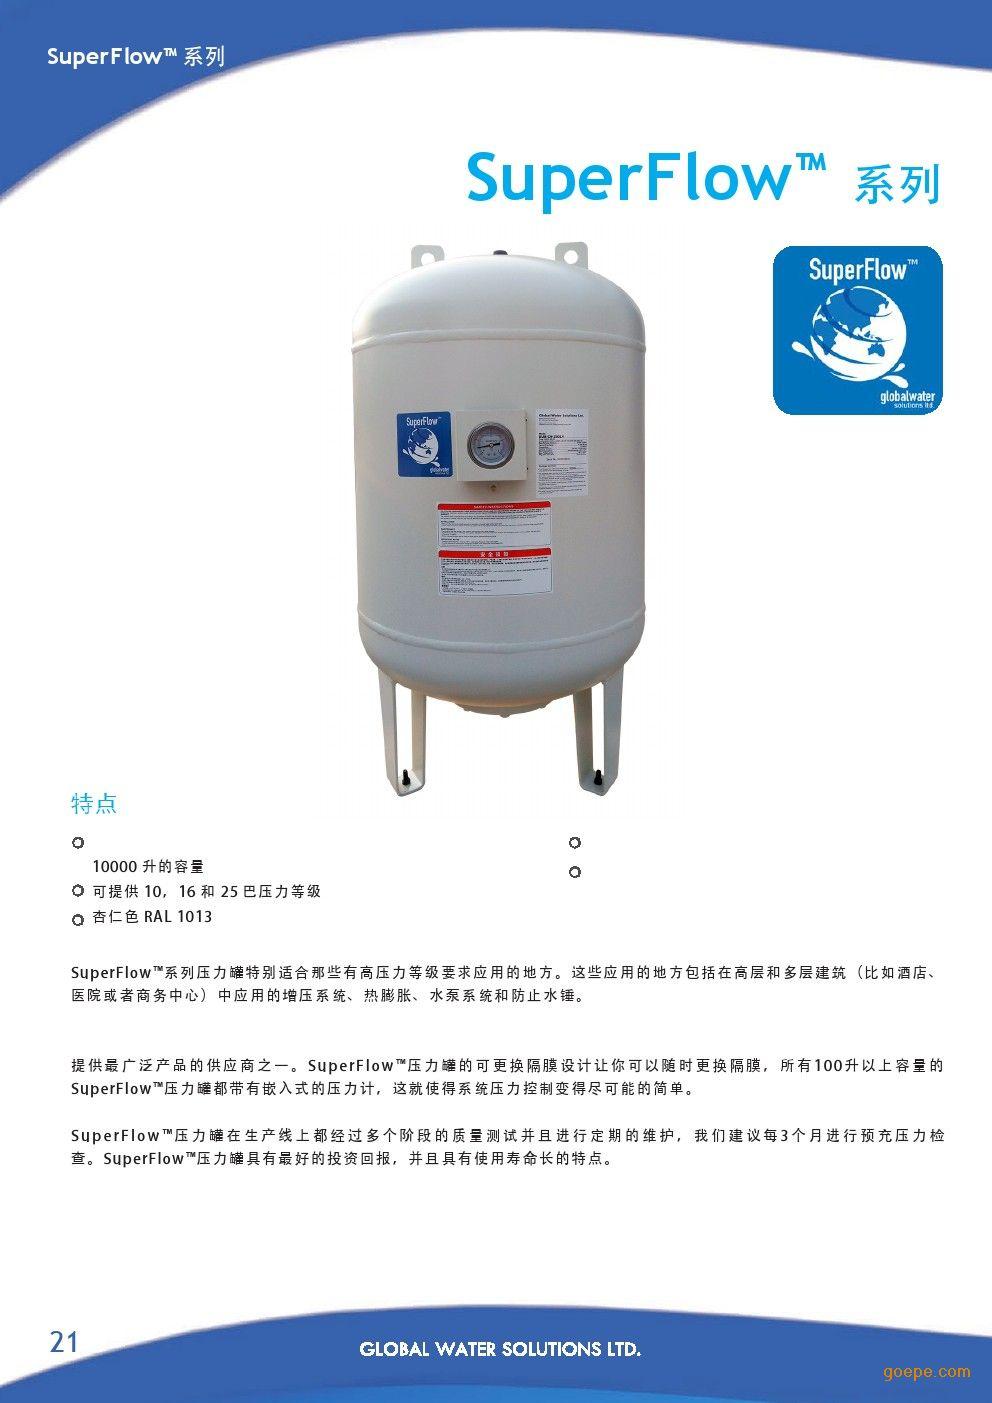 特价批发零售gws环水superflow囊式供水压力罐